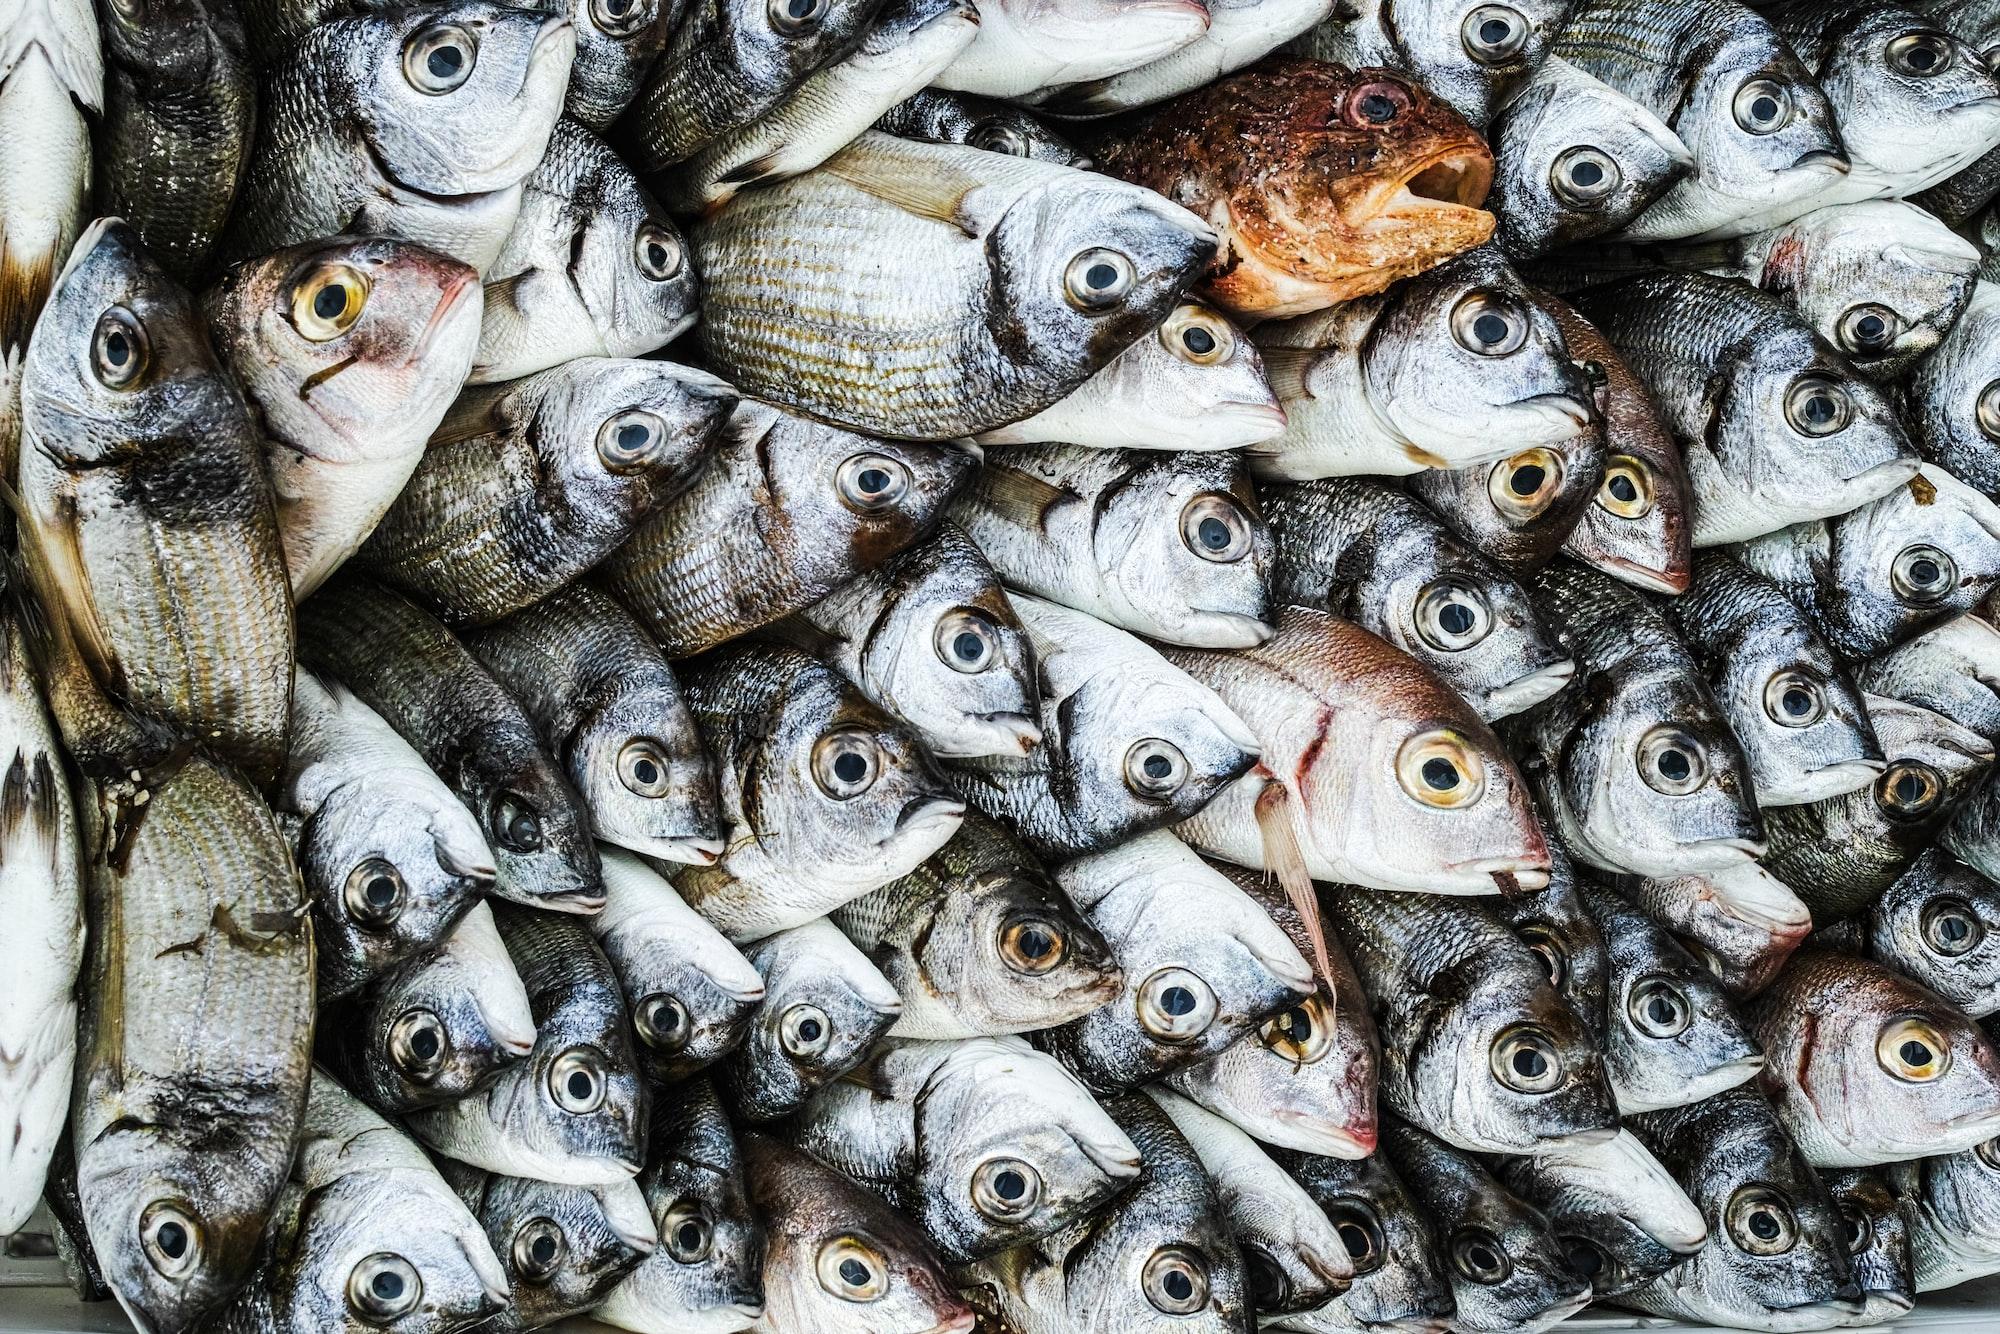 Top Five Fish